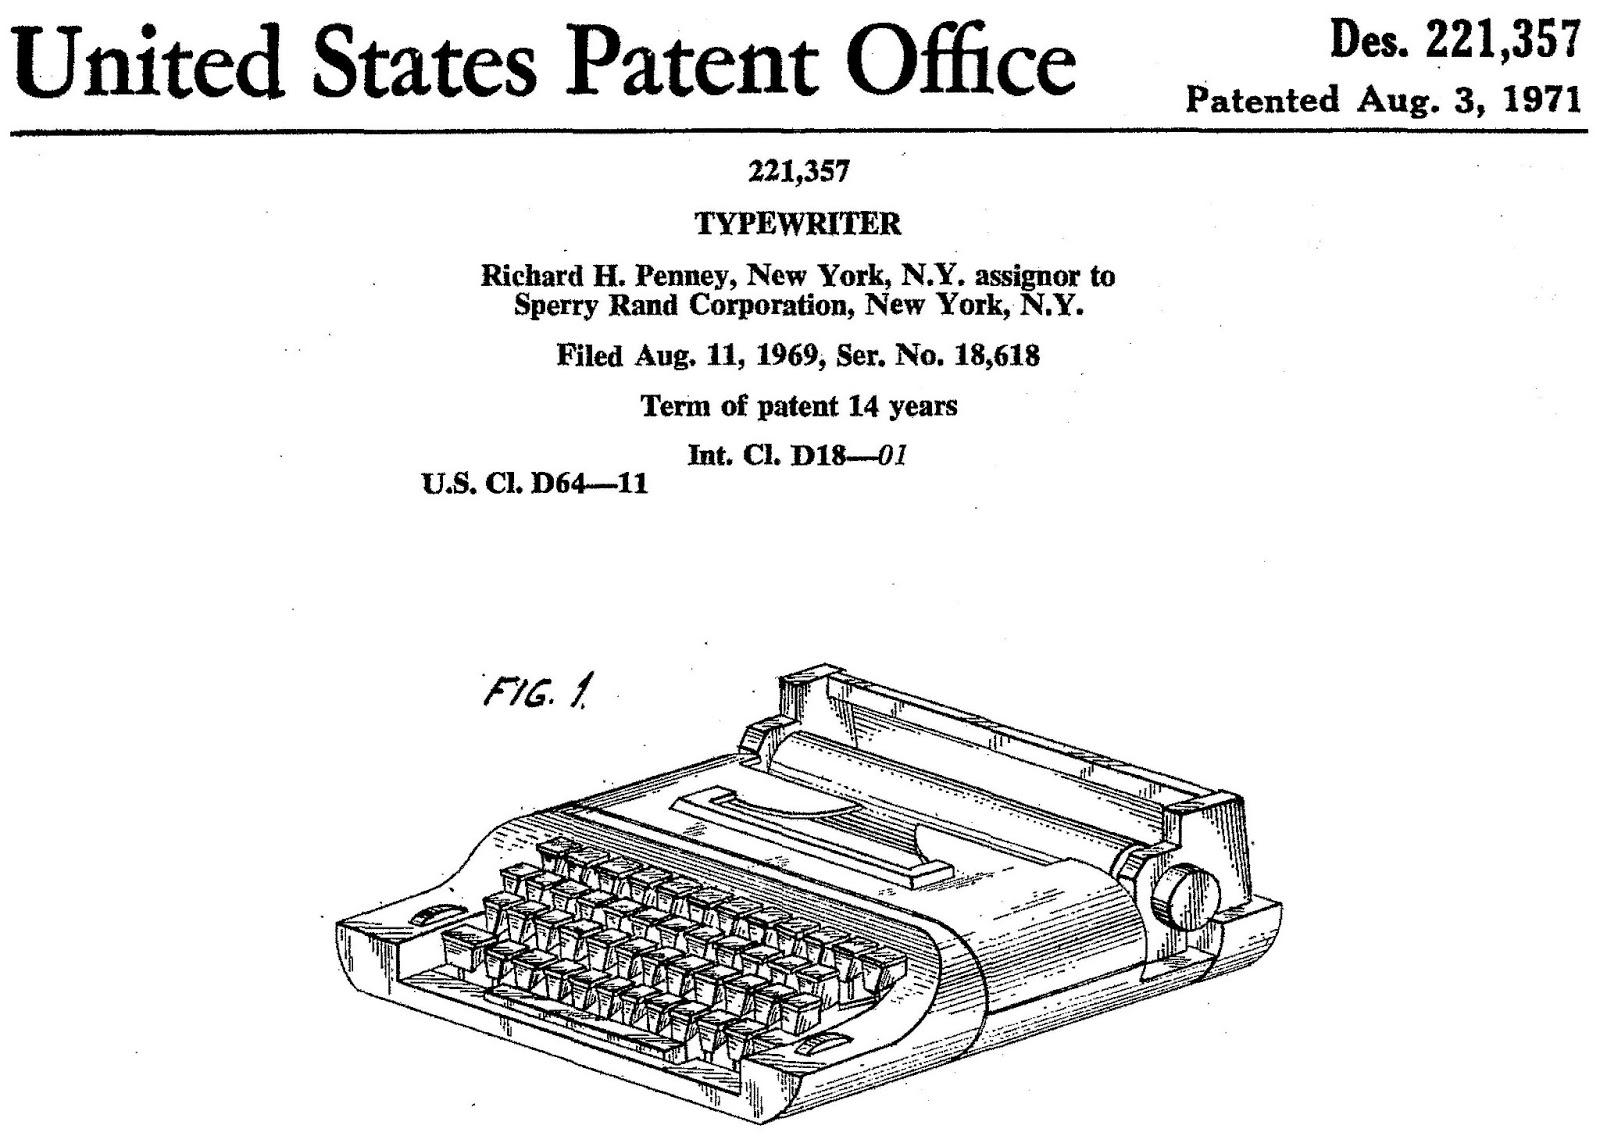 oz.Typewriter: Monpti Portable Typewriter